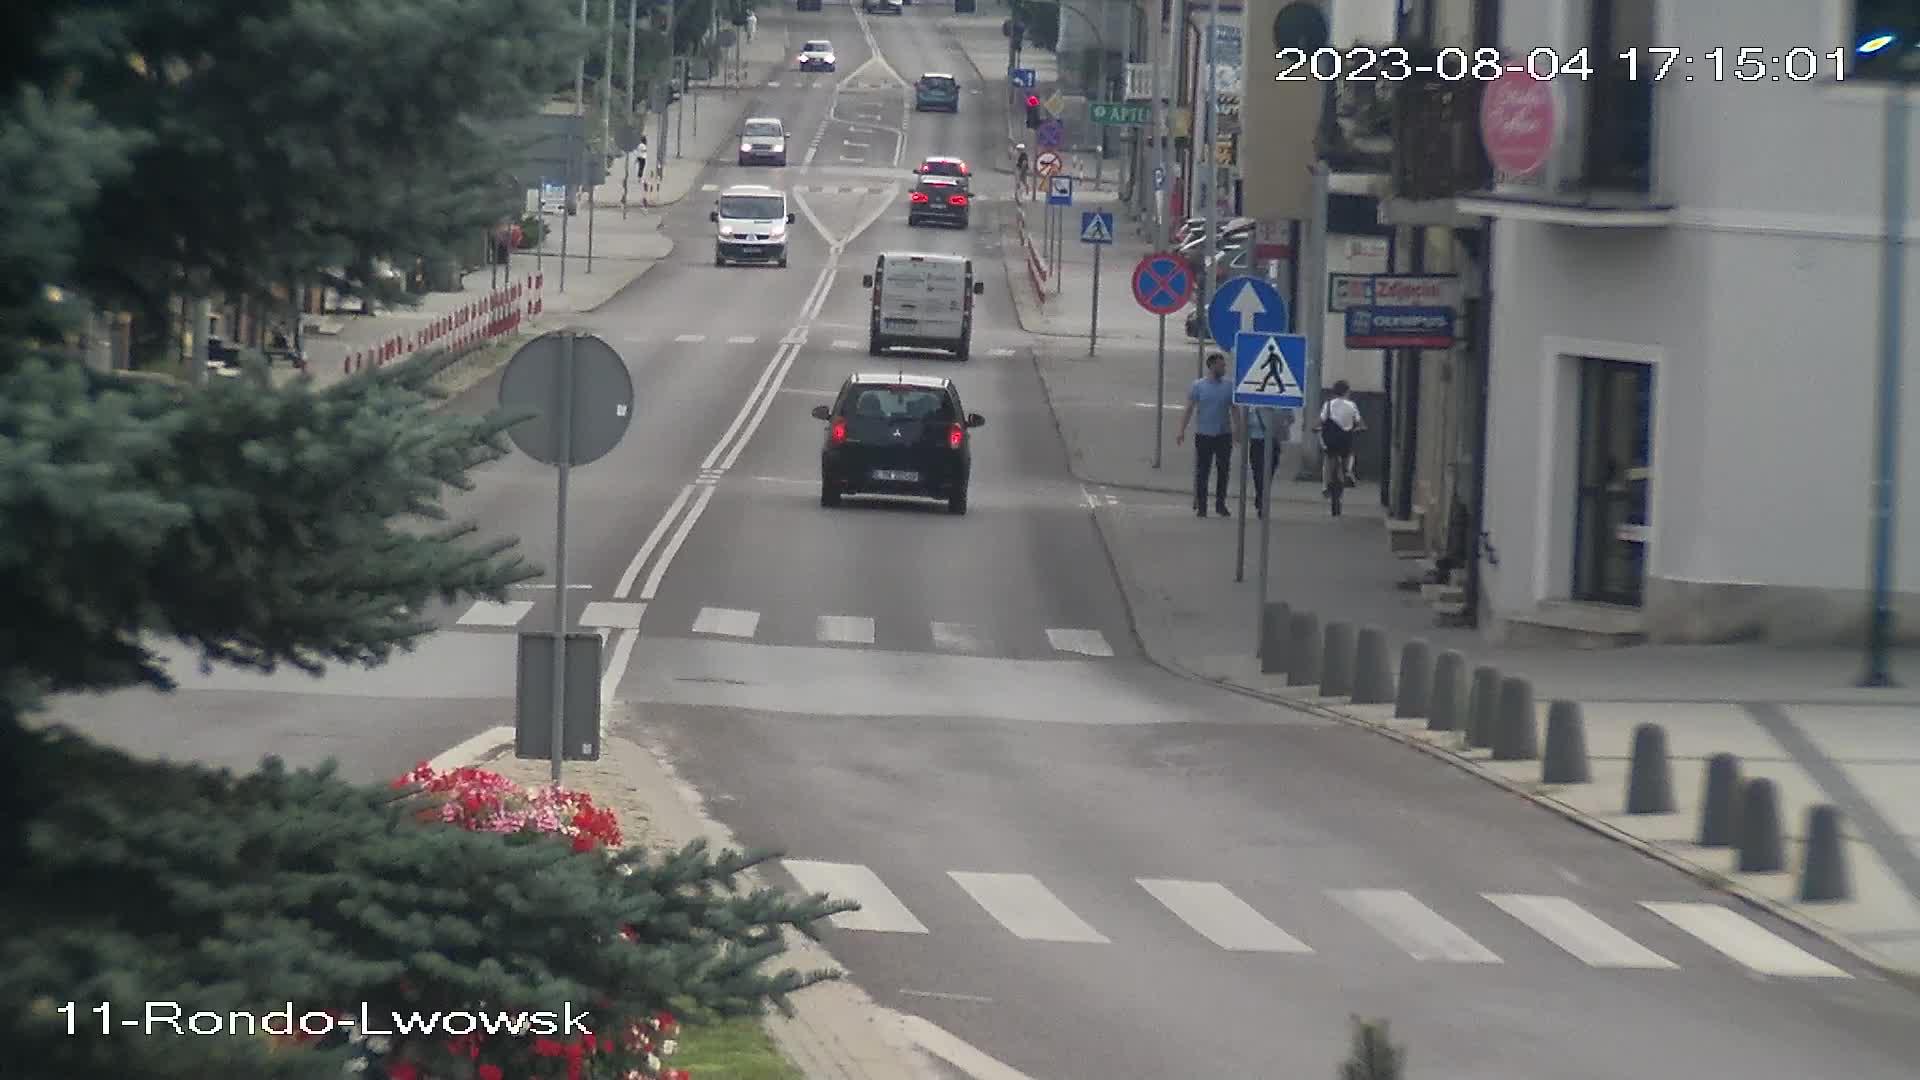 Kamera Rynek w Tomaszowie Lubelskim, widok na ulicę Lwowską